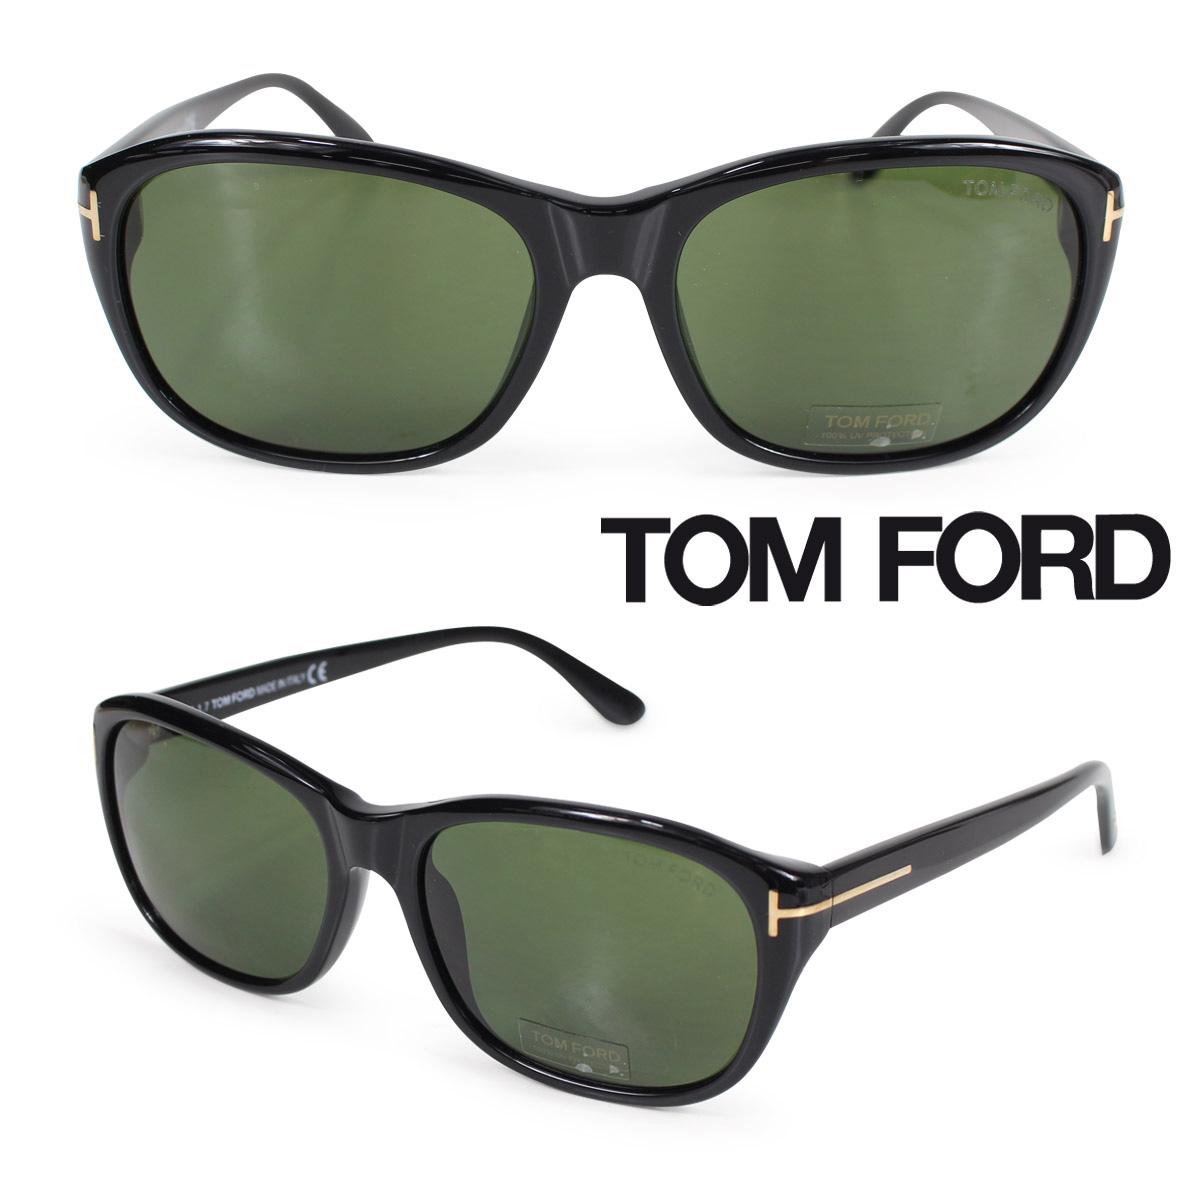 TOM FORD トムフォード サングラス メンズ レディース アイウェア LONDON TF0396 FT0396 ブラック